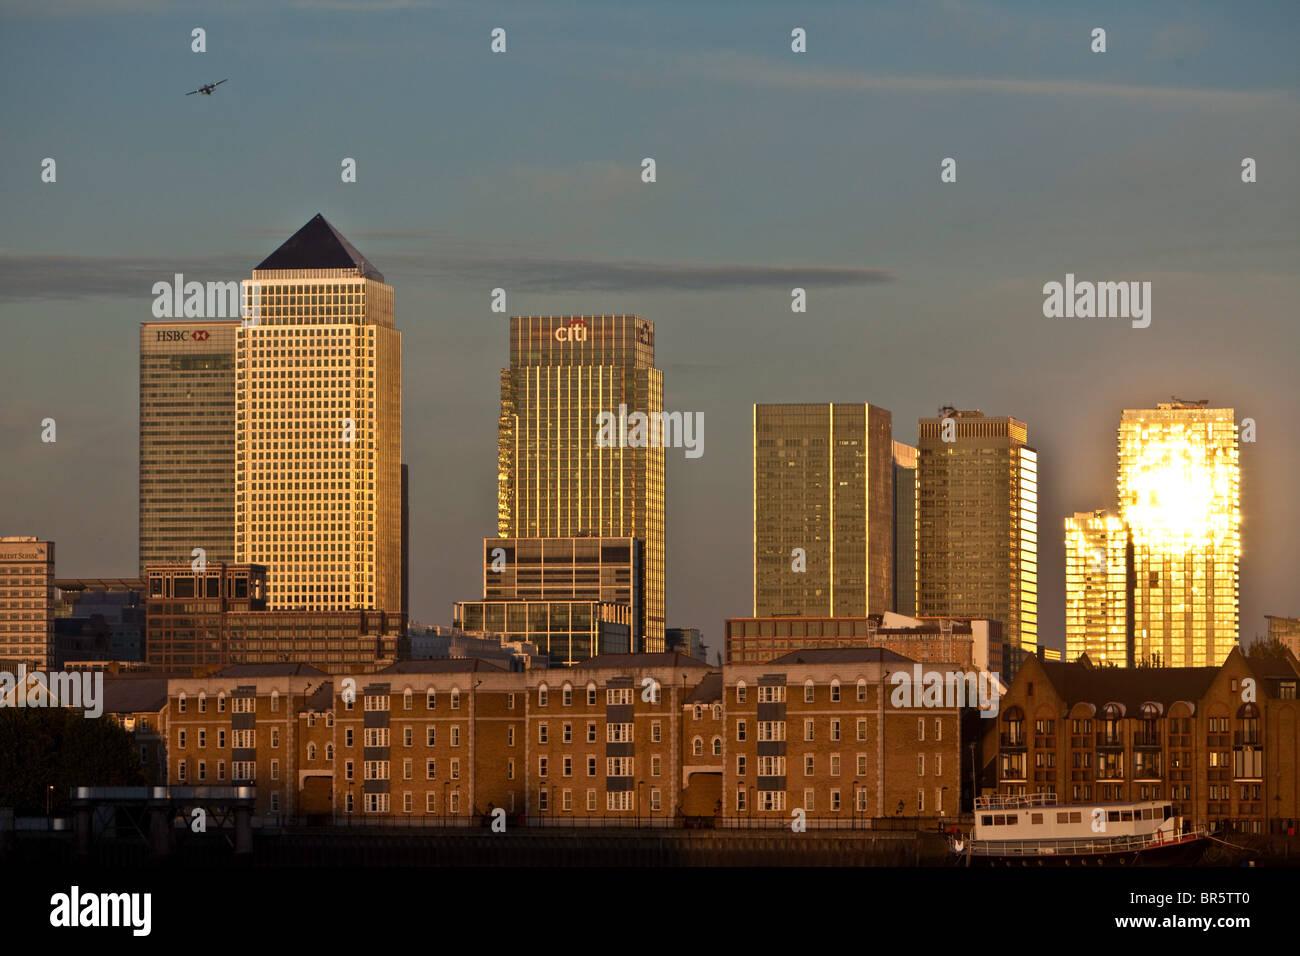 Ein Blick vom über der Themse gegenüber Canary Wharf und der Isle of Dogs. Stockbild